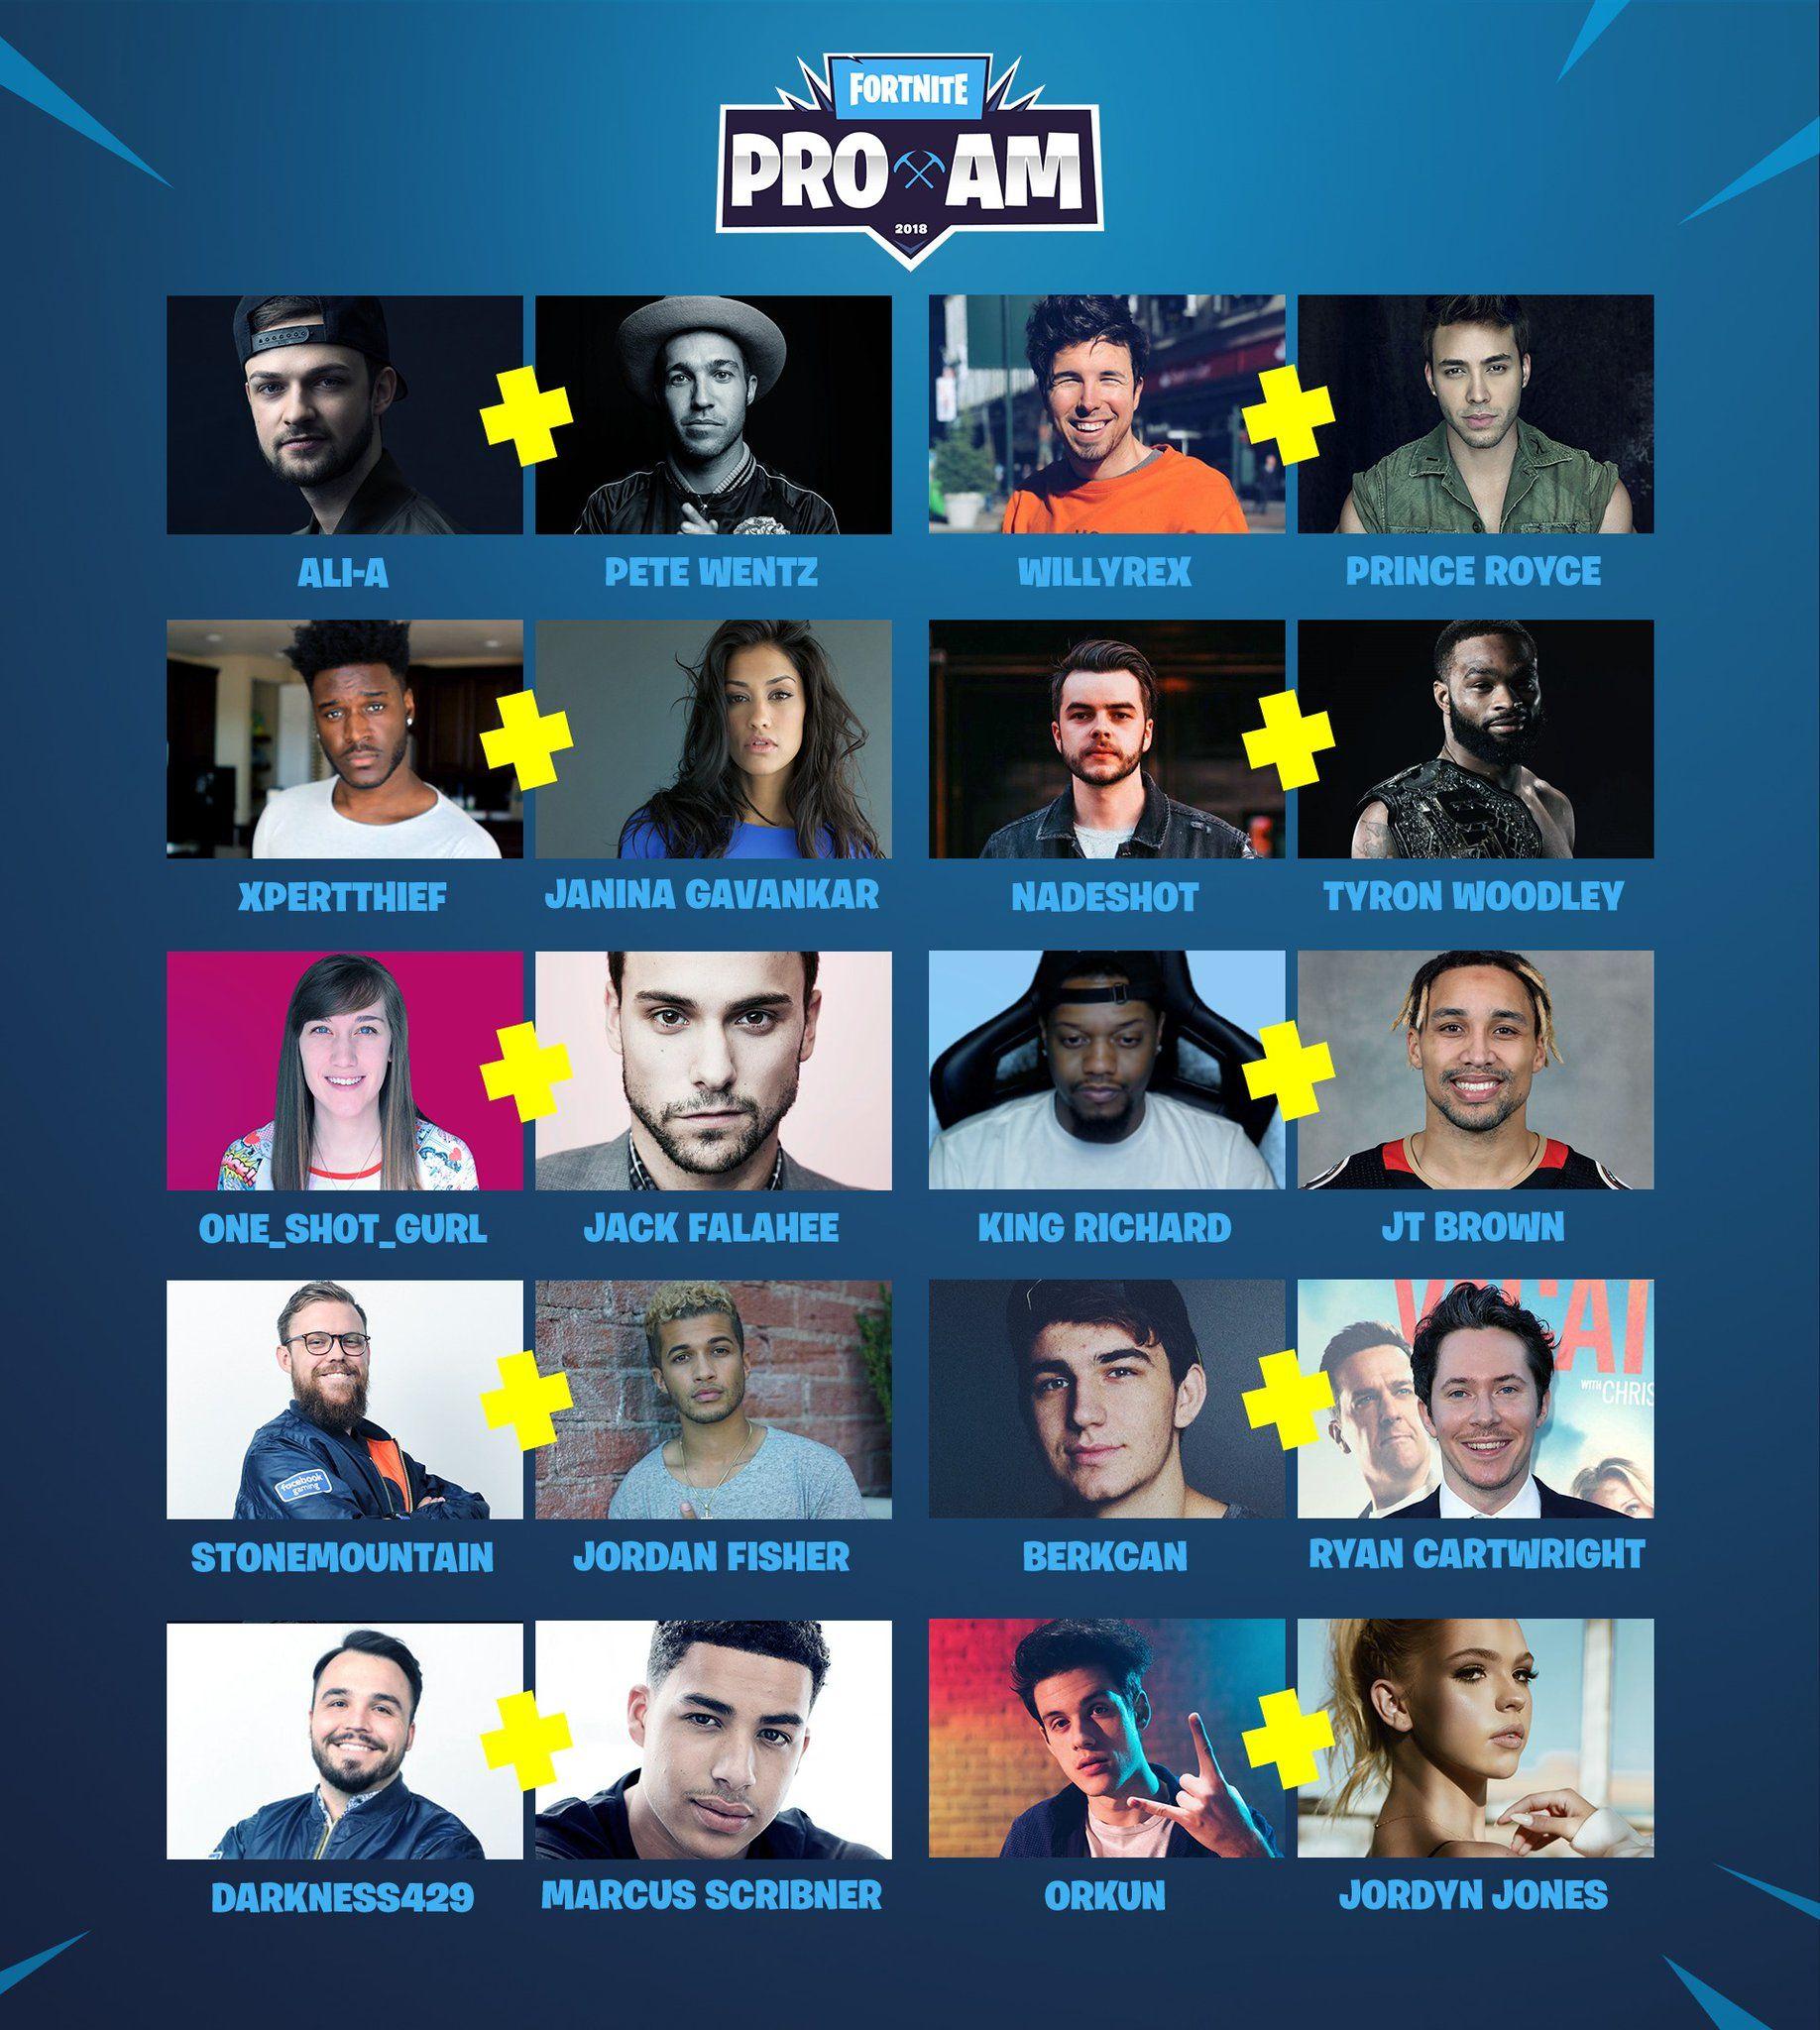 Fortnite'ın E3 ünlüler kadrosunda 2 Türk Youtuber bulunuyor